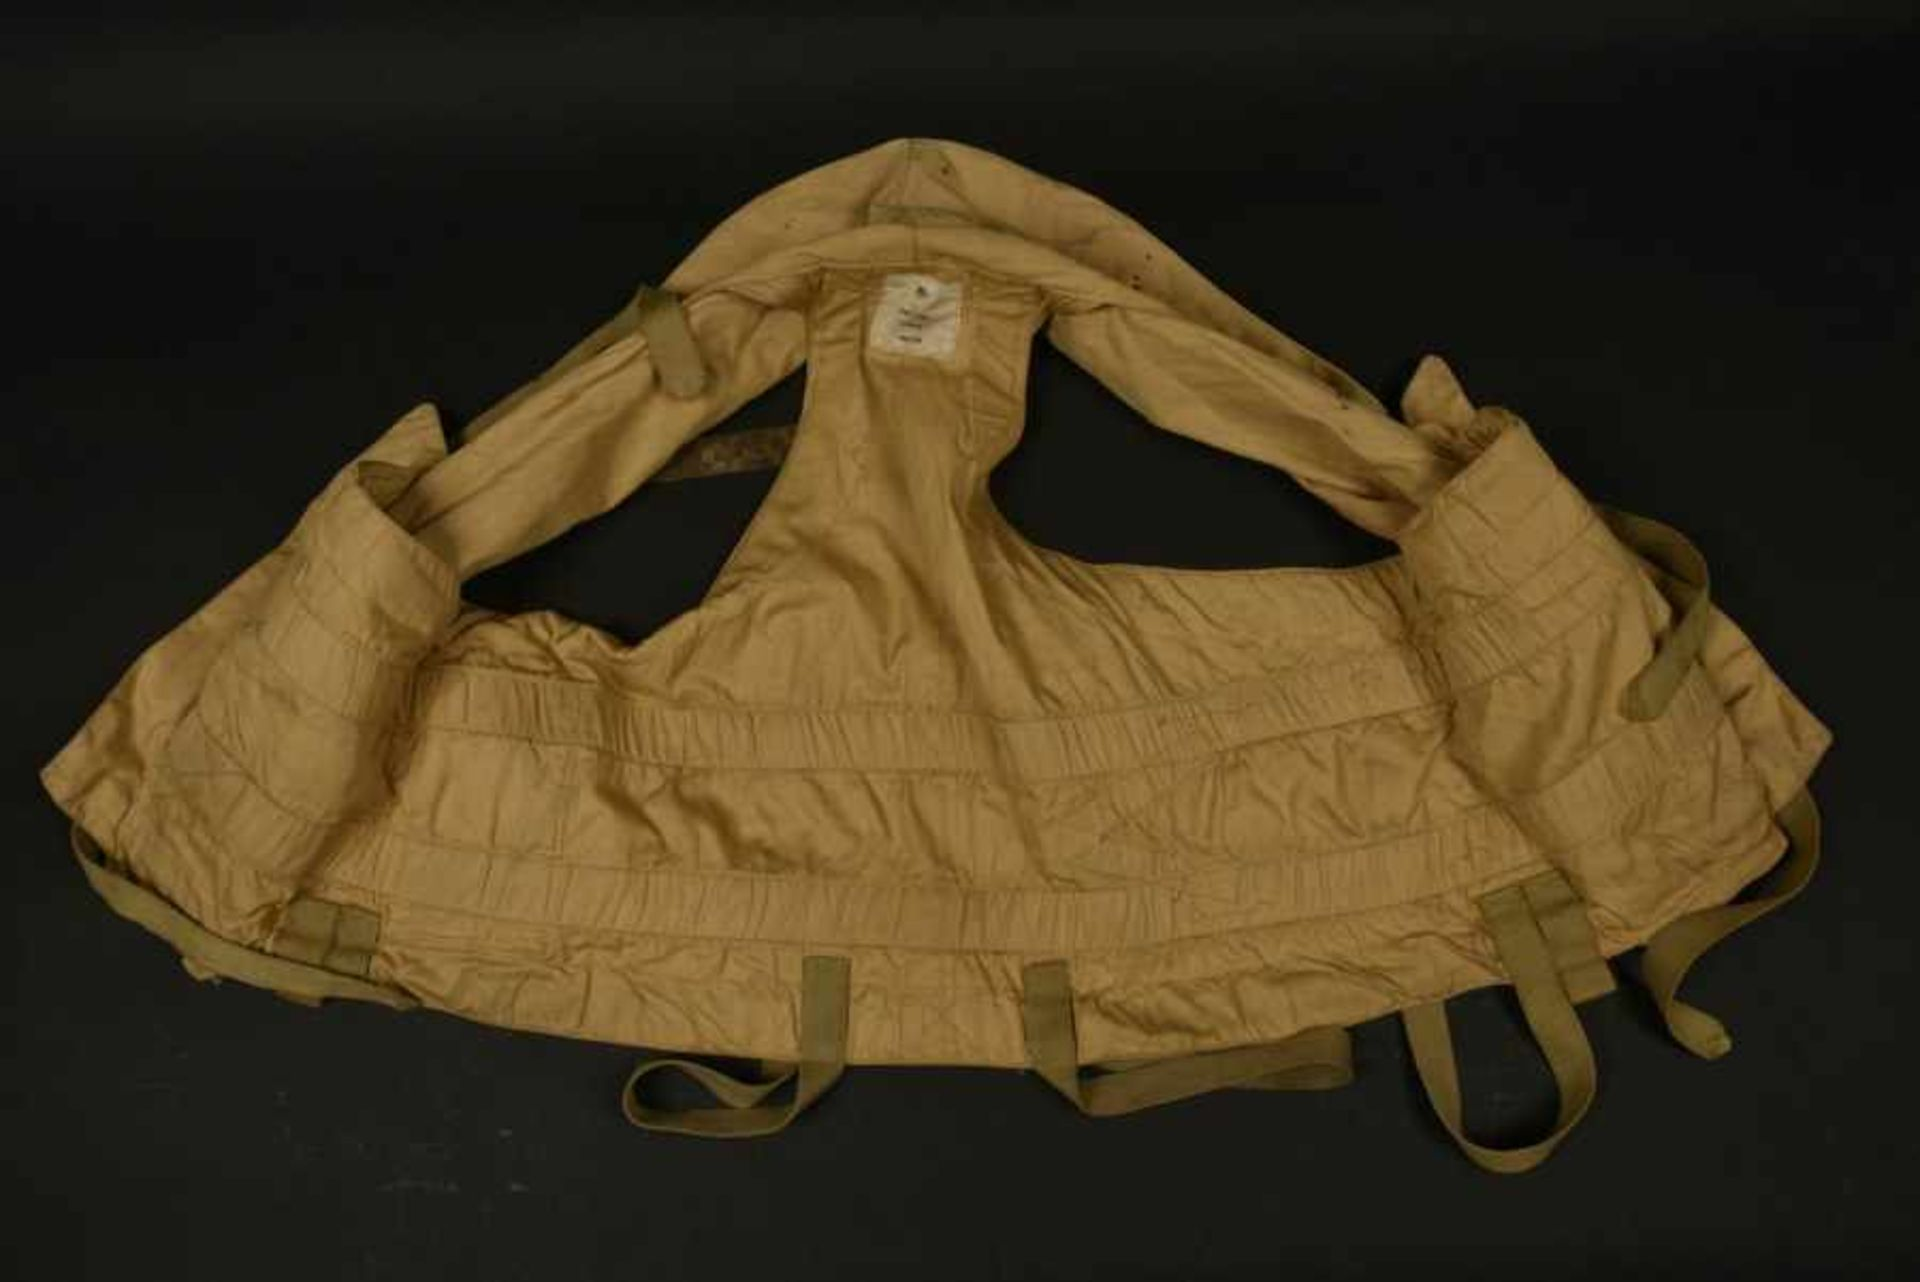 Blouson B3 et mae west provenant d'Ellon. B3 jacket and Mae West from EllonBlouson B3 en cuir - Bild 2 aus 4